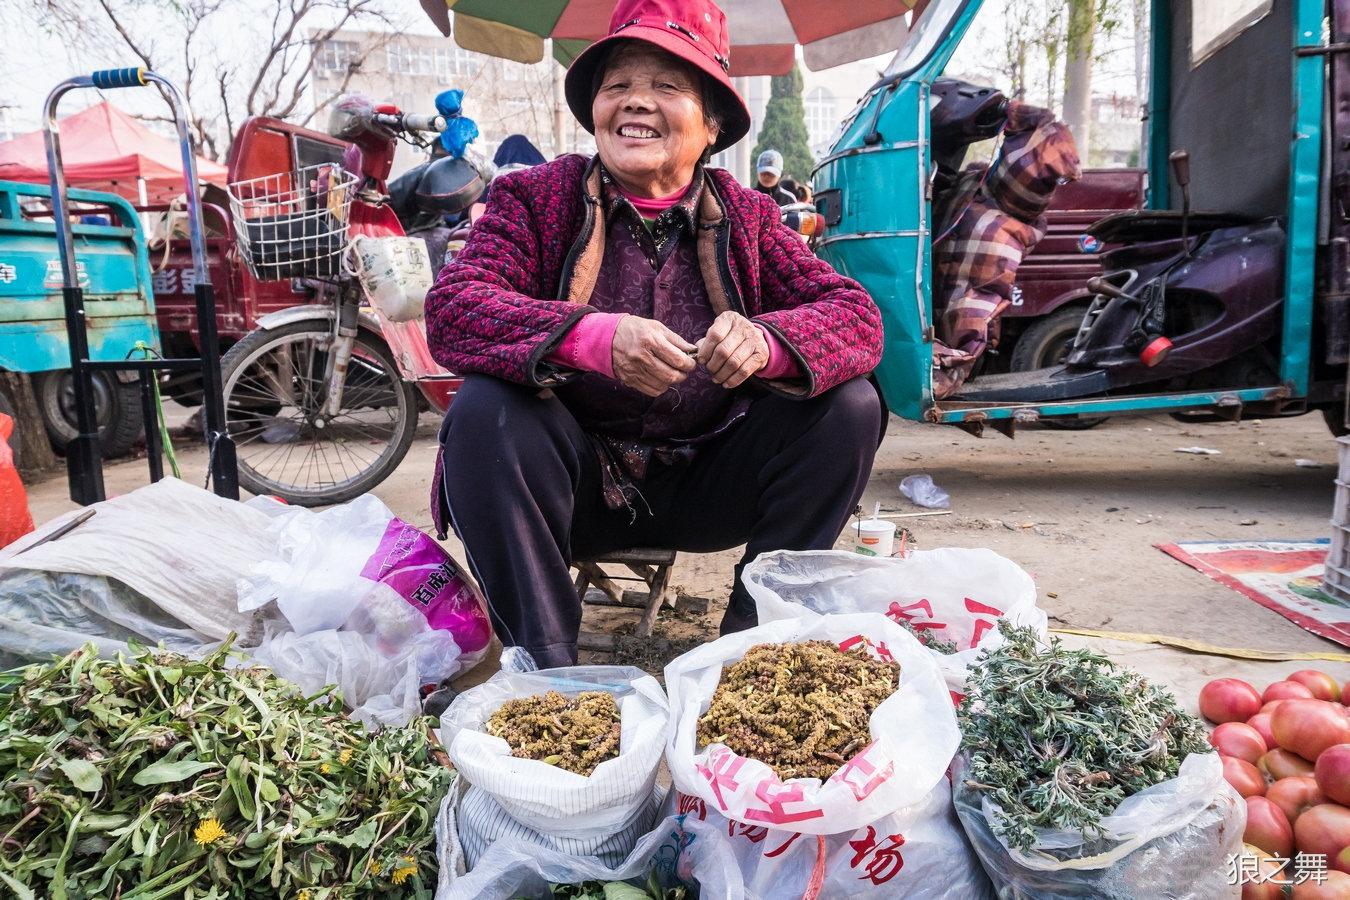 山东大妈地里挖野菜早市上卖 8元一斤城里人争着买